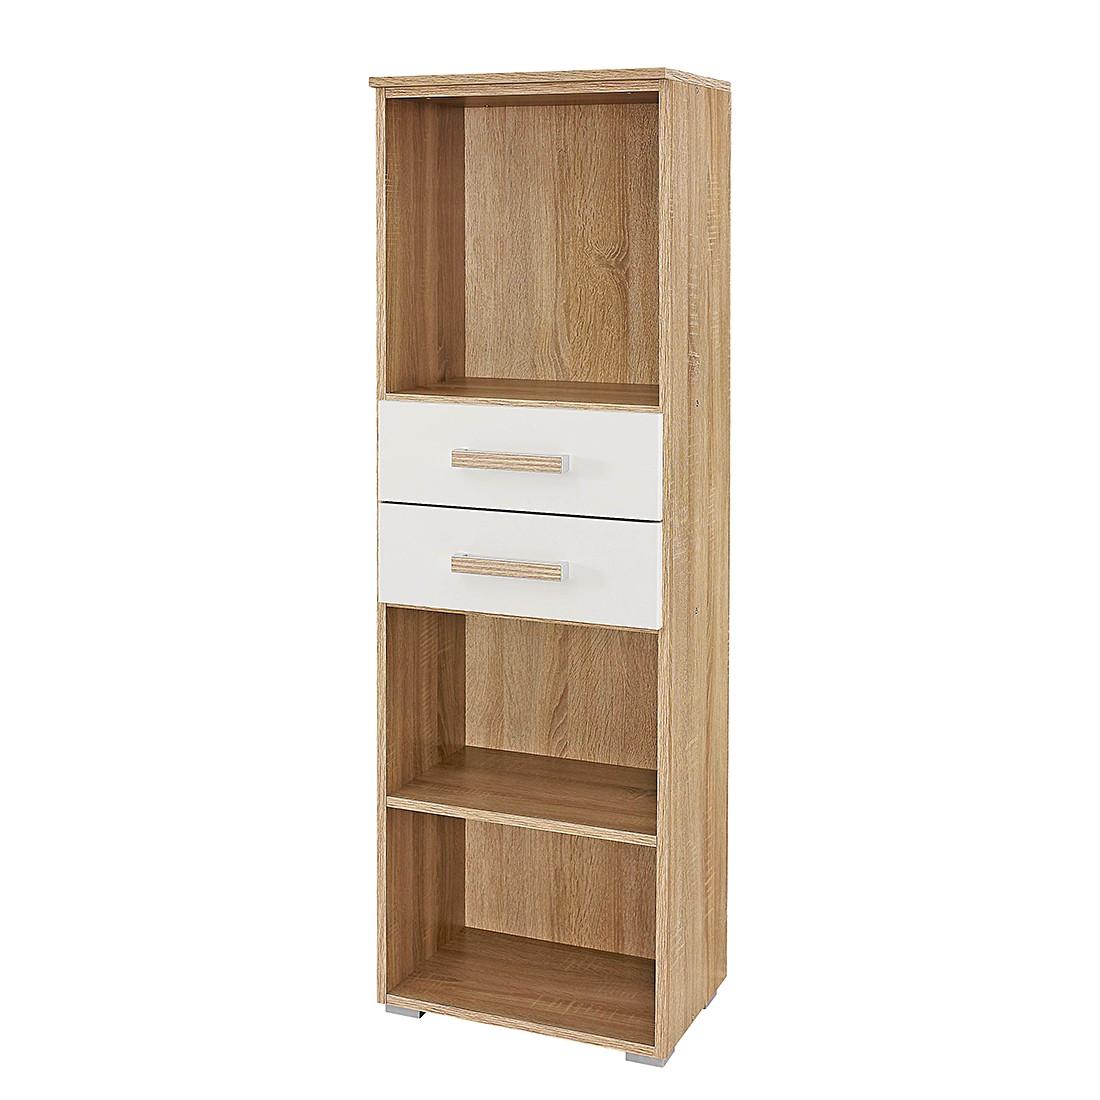 Beistelltisch dacapo hoch buche home design tipps vom for Buche beistelltisch